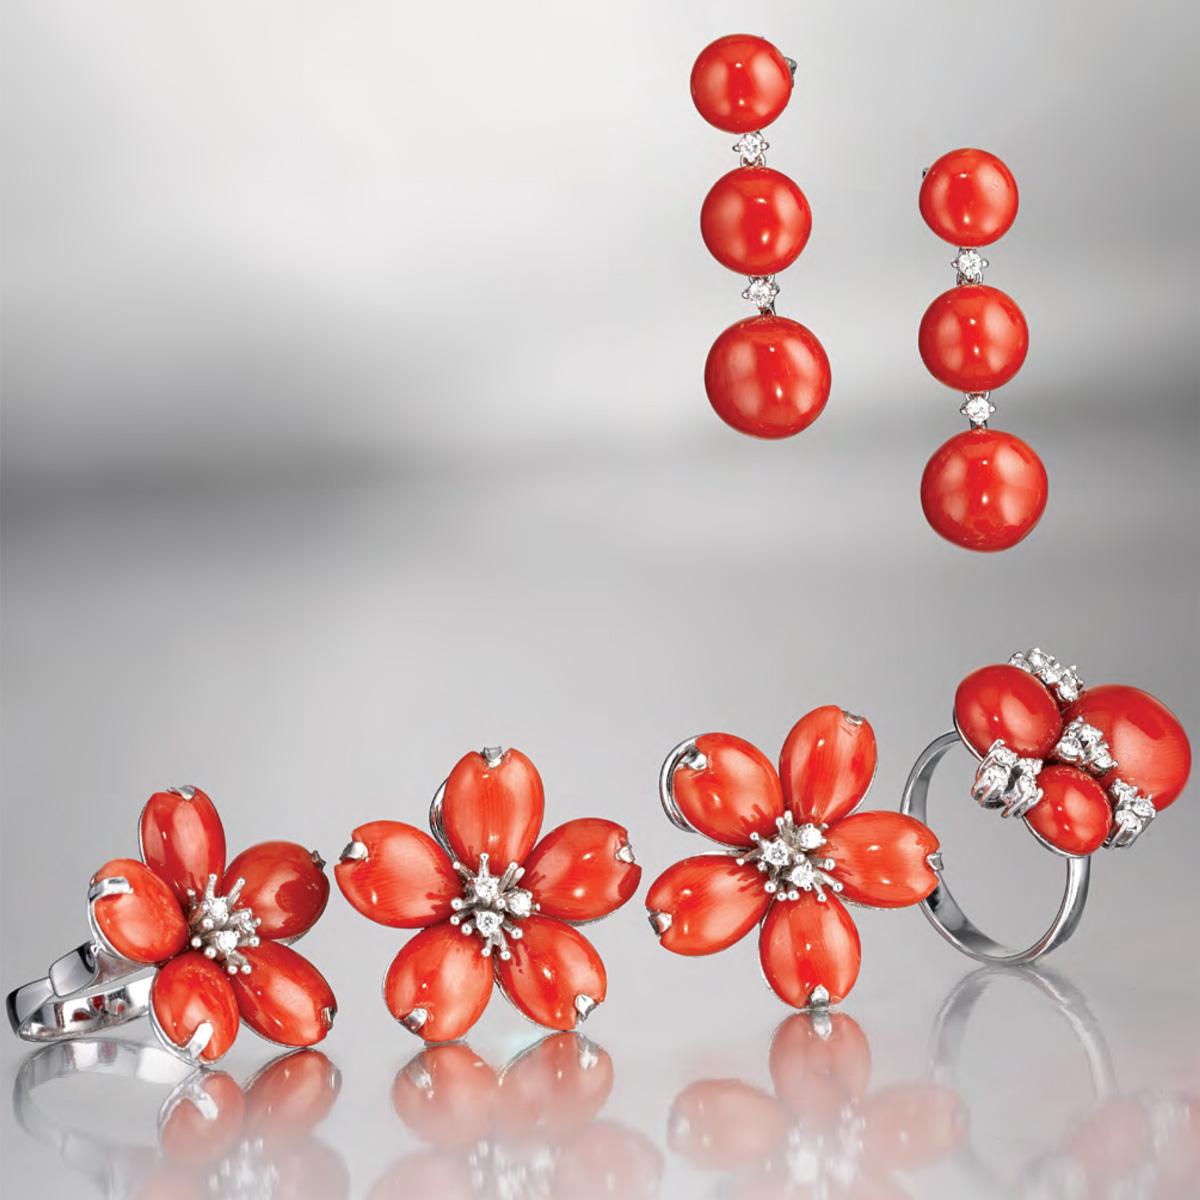 Fiori Corallo Rosso - Red Coral Flowers